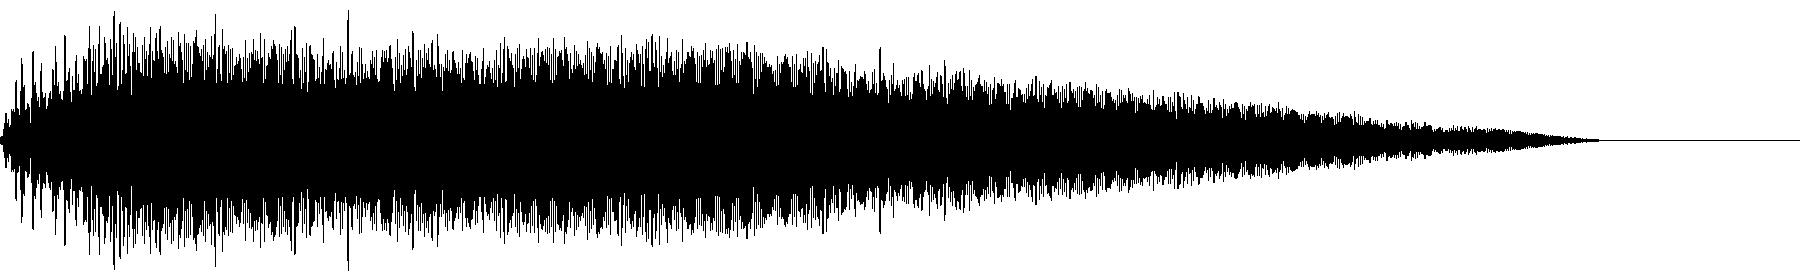 bluezone orbit sound 005